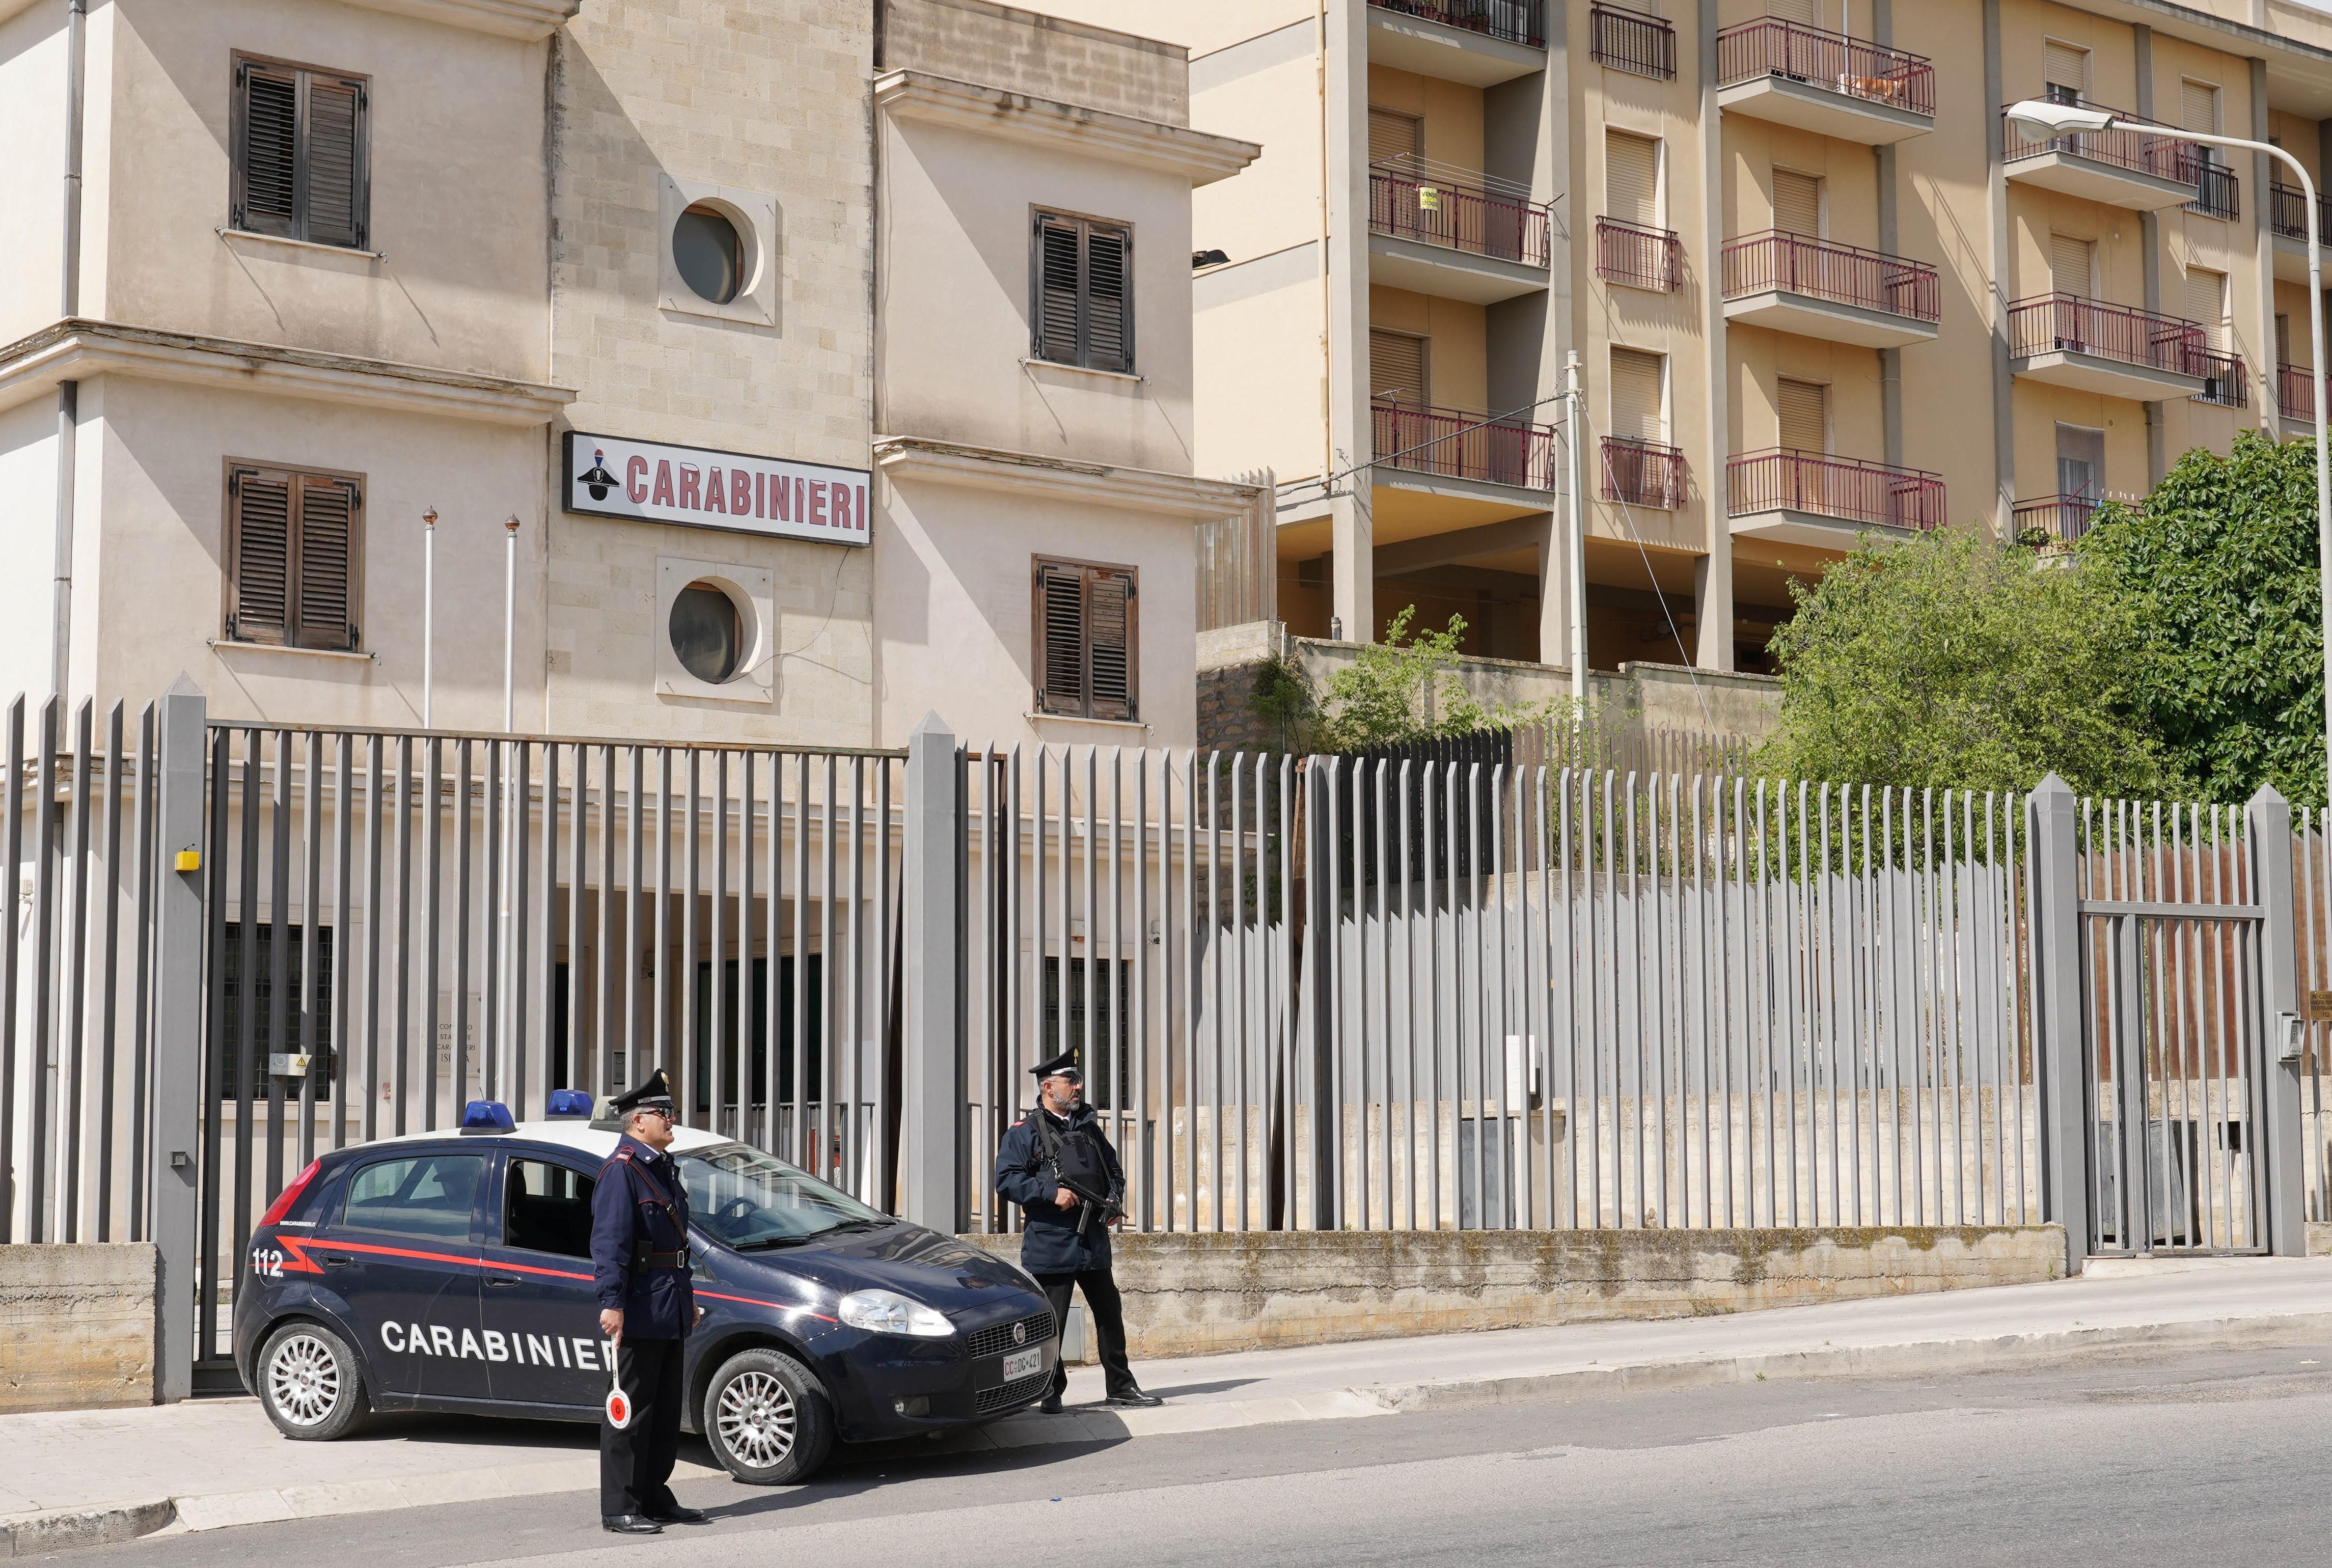 Rapina nelle campagne di Ispica: 4 denunciati, sono di Rosolini e Noto